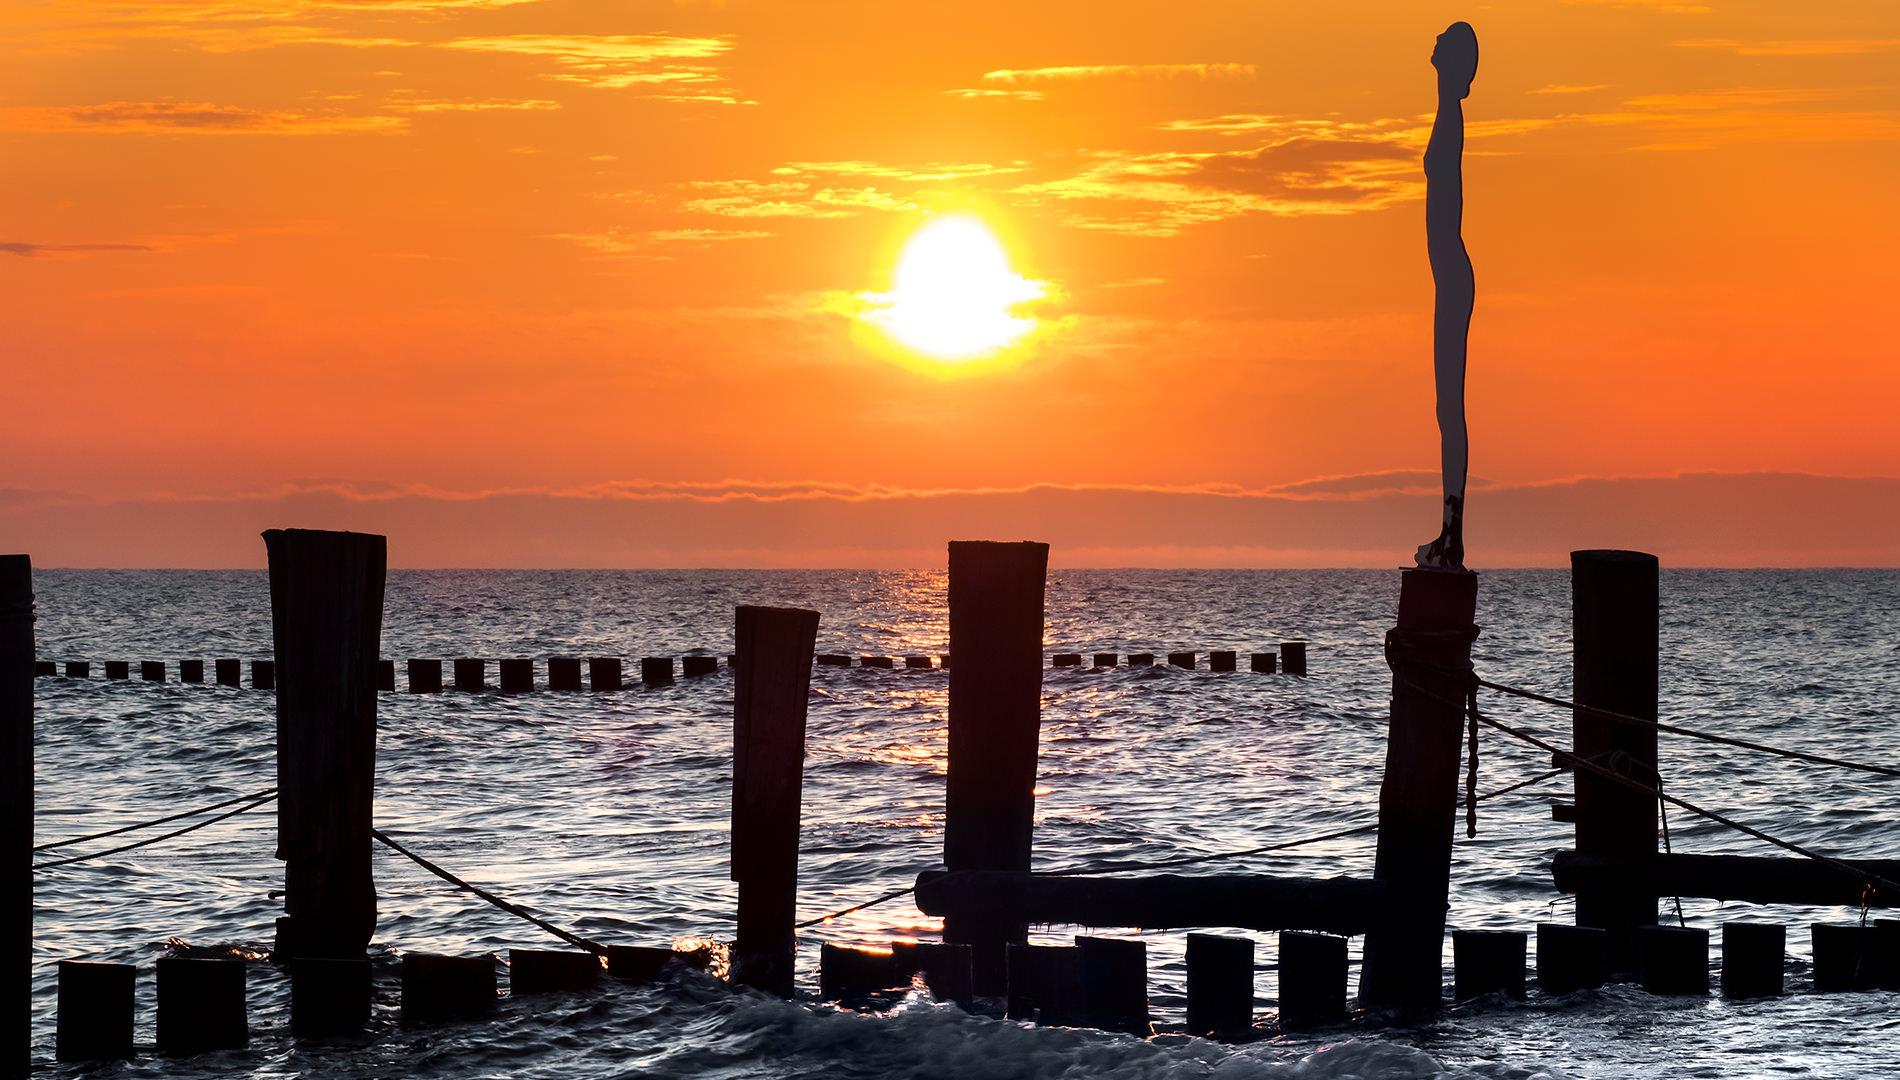 Messe Design Live Kommunikation Zingst Fotokunstpfad Meer Holz Sonnenuntergang Going Places EventLabs